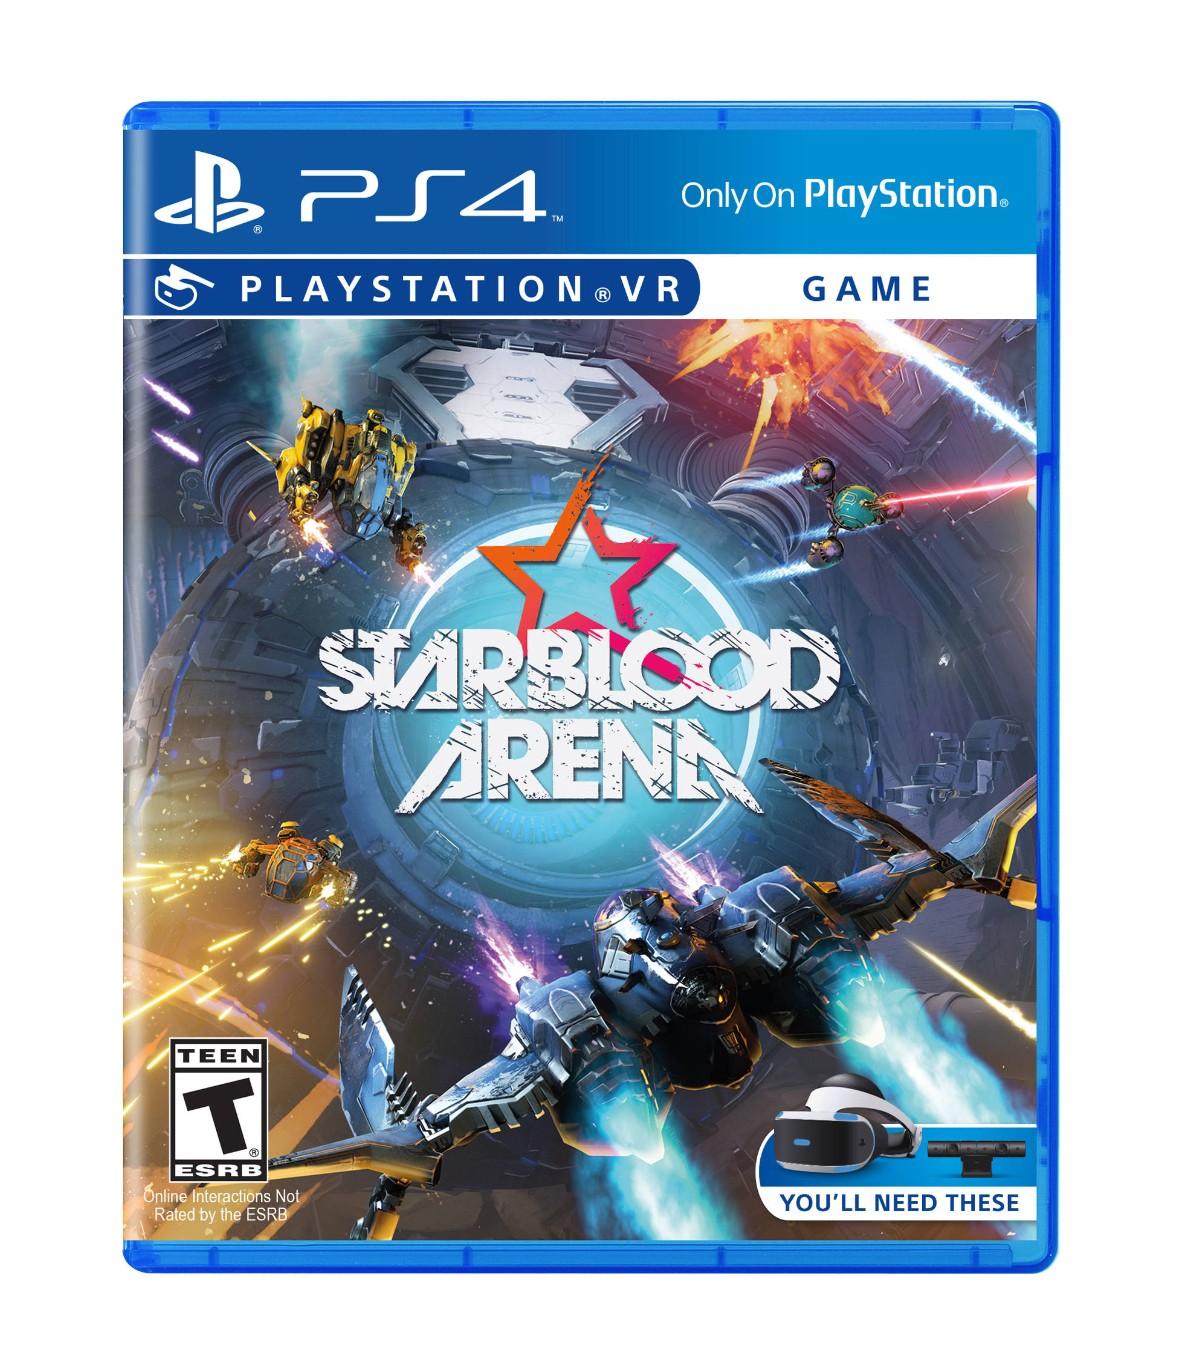 بازی StarBlood Arena کارکرده - پلی استیشن وی آر